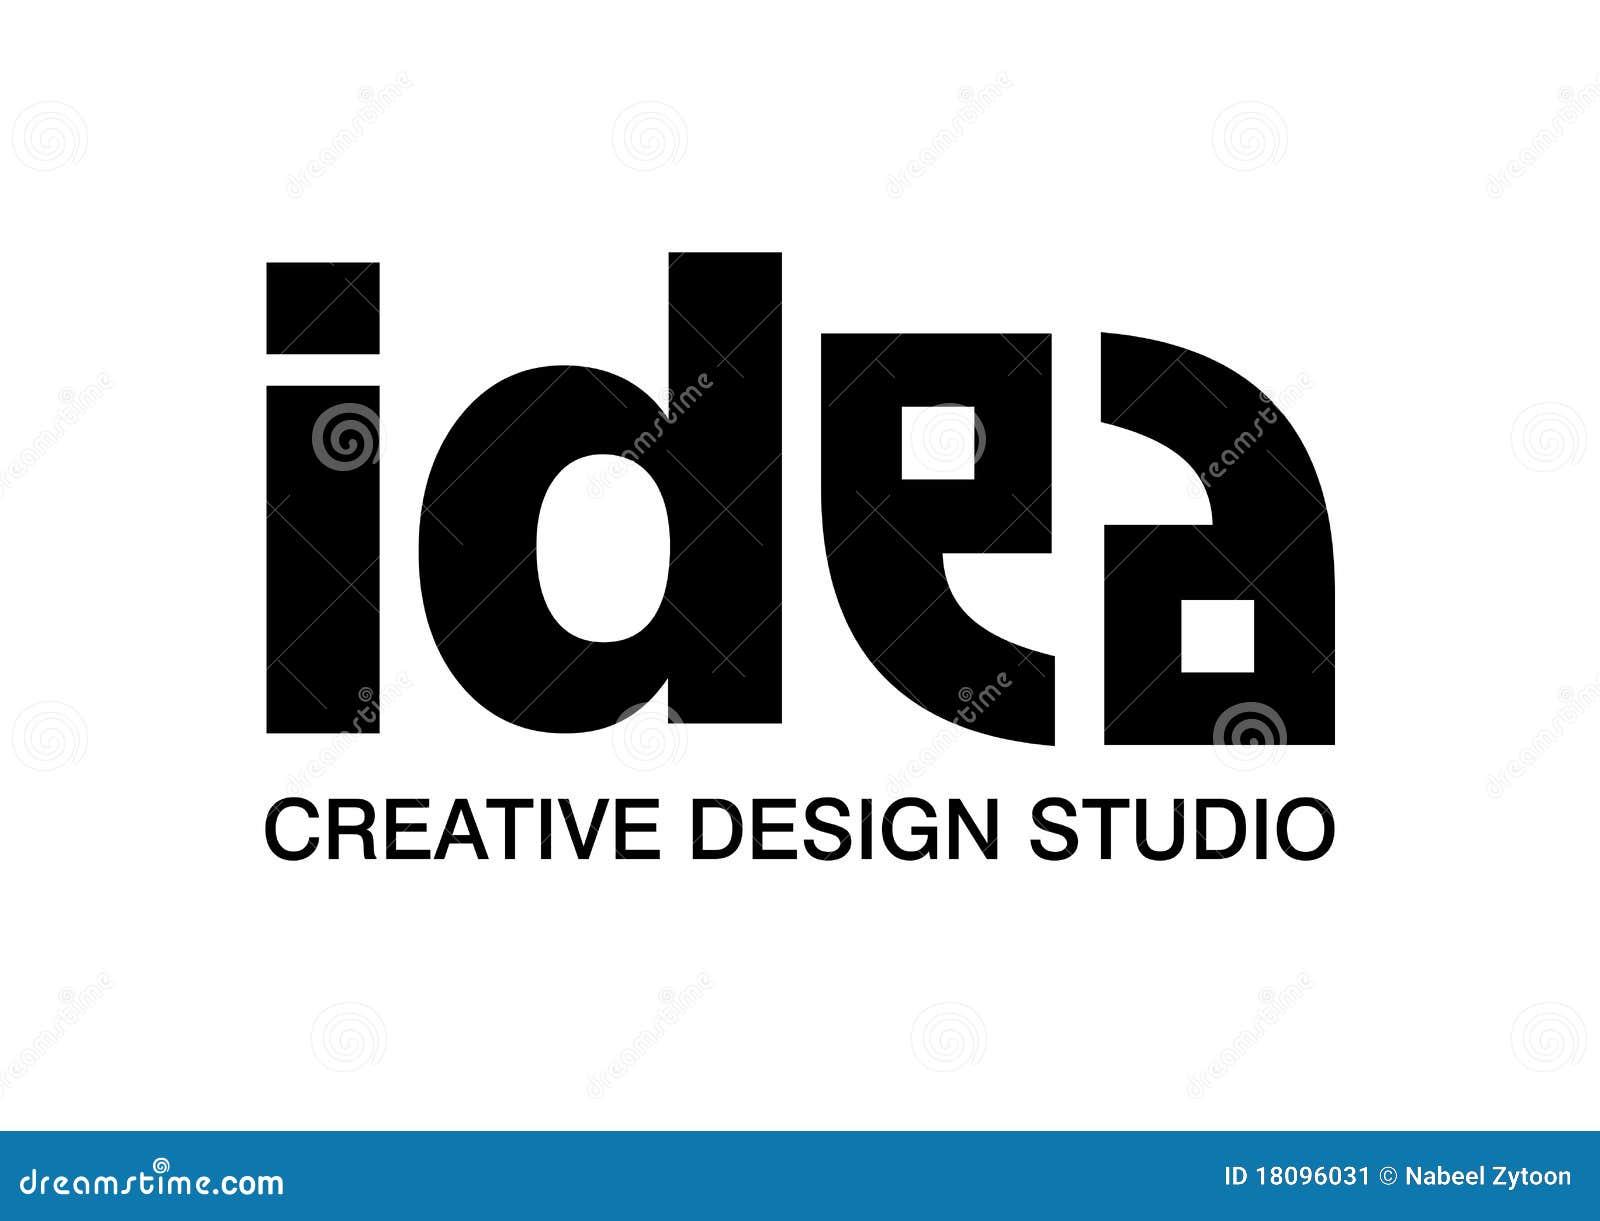 Design studio logo design stock image image 18096031 for Design lago